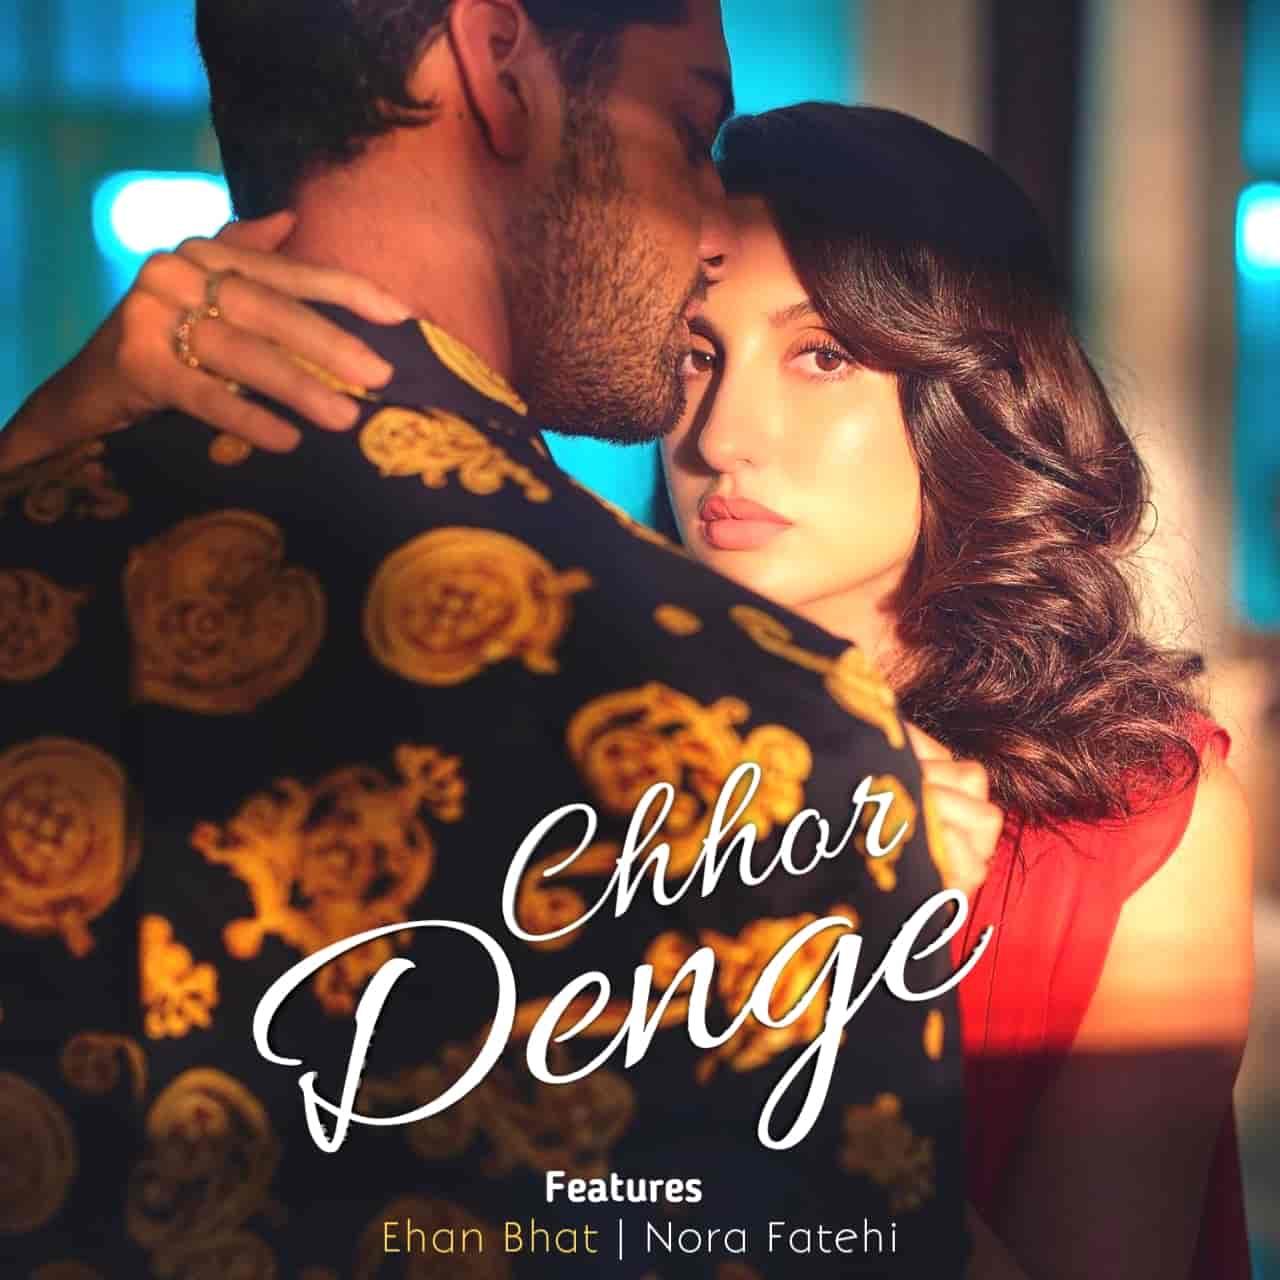 Chhor Denge Lyrics Nora Fatehi